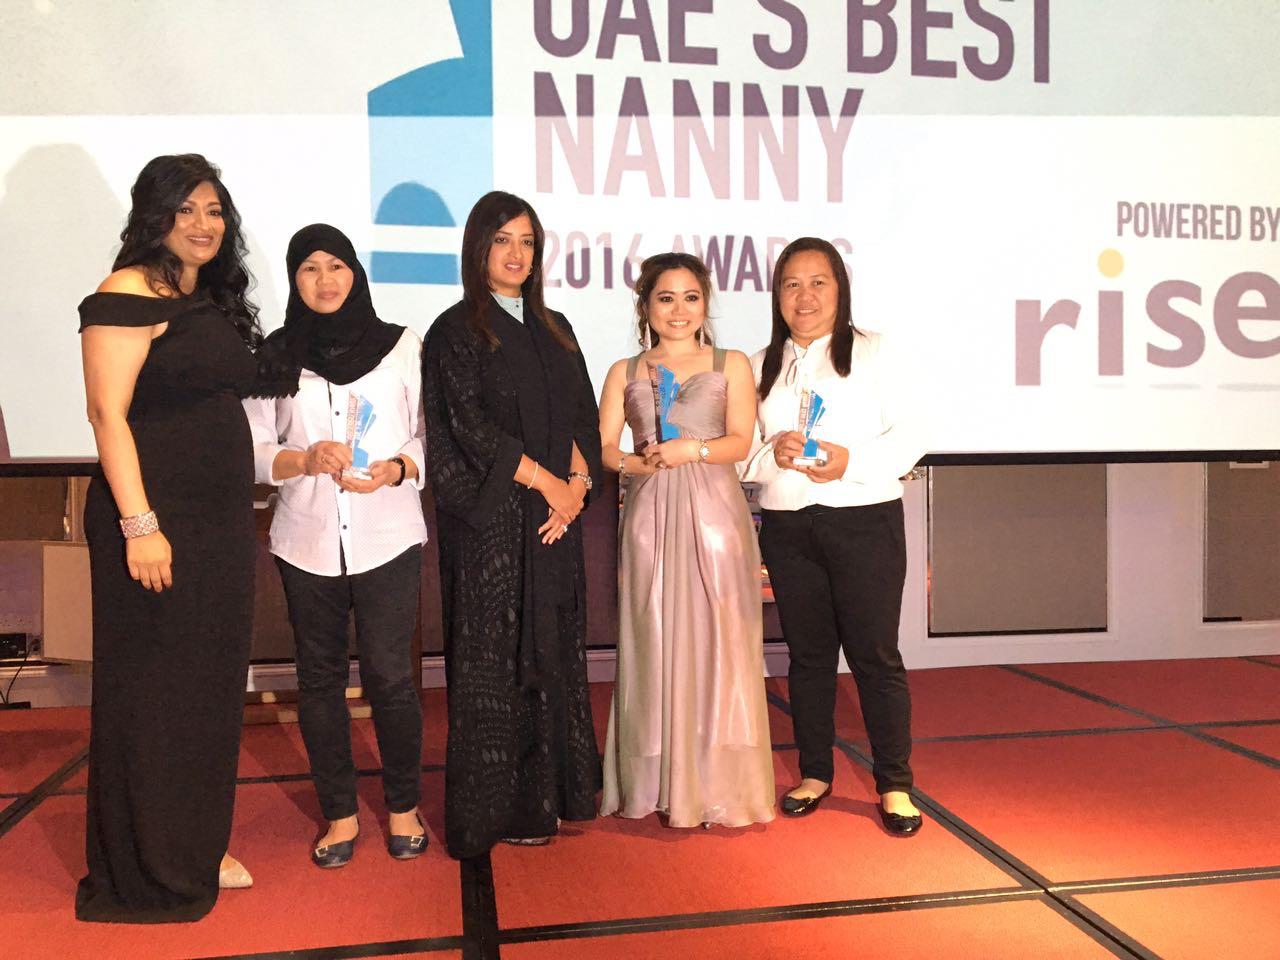 Three Filipinas win UAE's super nanny contest